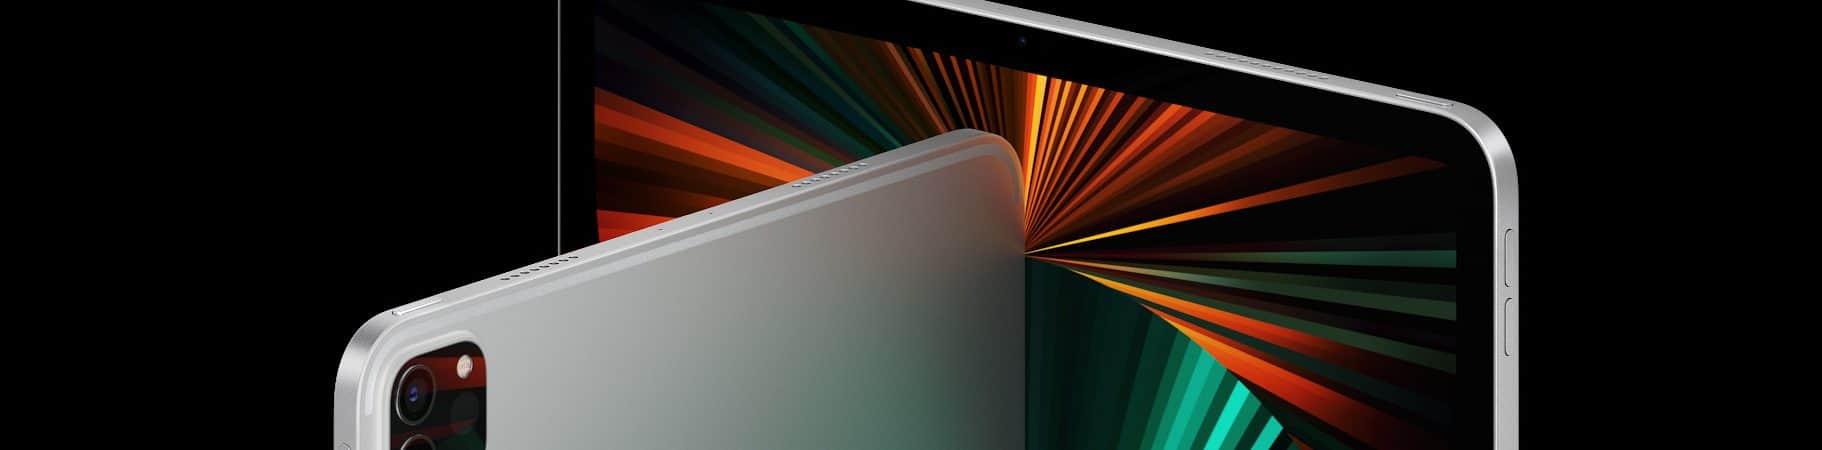 iPad Pro com chip M1 (Imagem: divulgação/Apple)